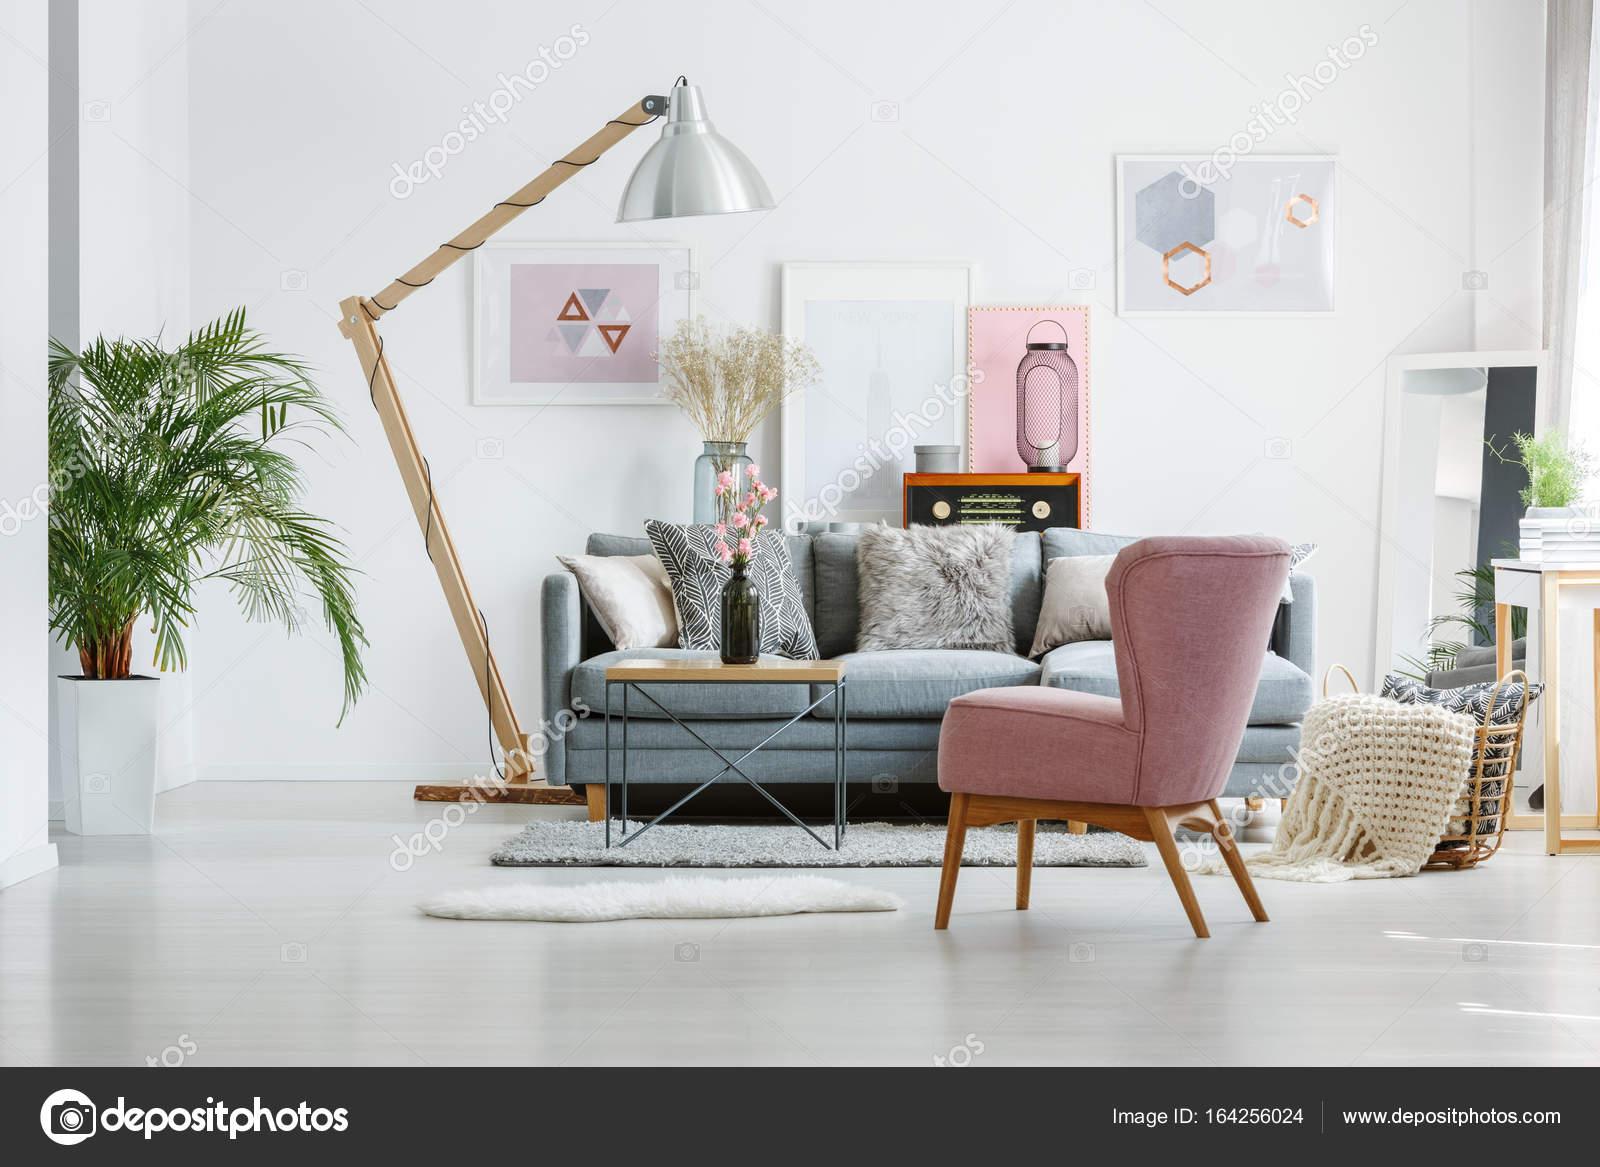 https://st3.depositphotos.com/2249091/16425/i/1600/depositphotos_164256024-stockafbeelding-artistieke-schilderijen-in-woonkamer.jpg